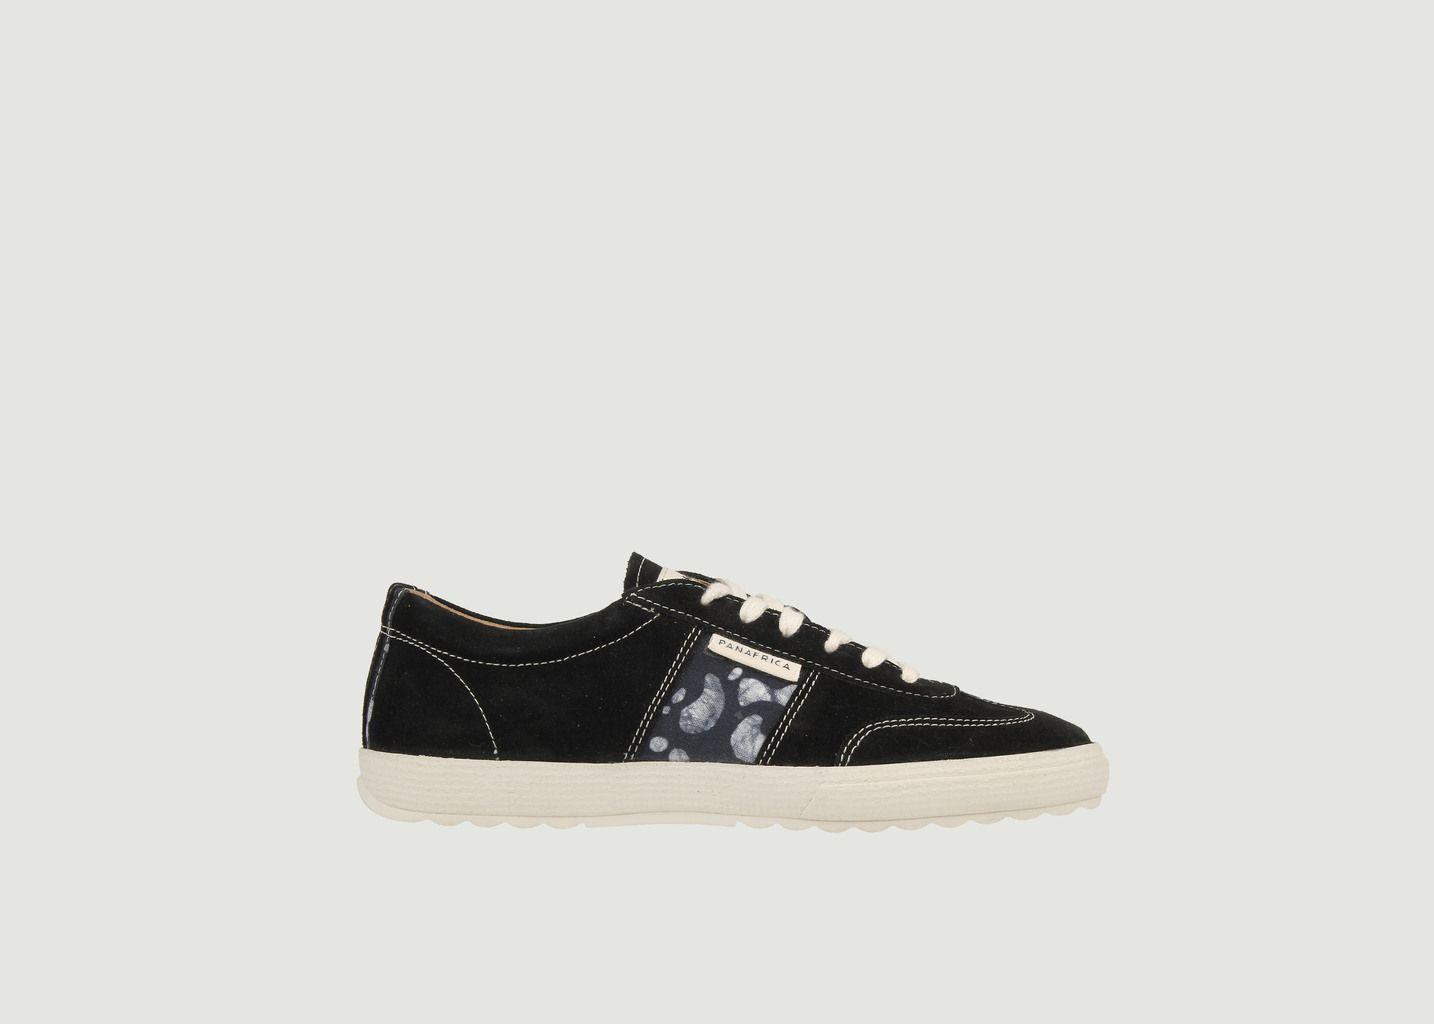 Sneakers en cuir velours Harmattan Ebène - Panafrica